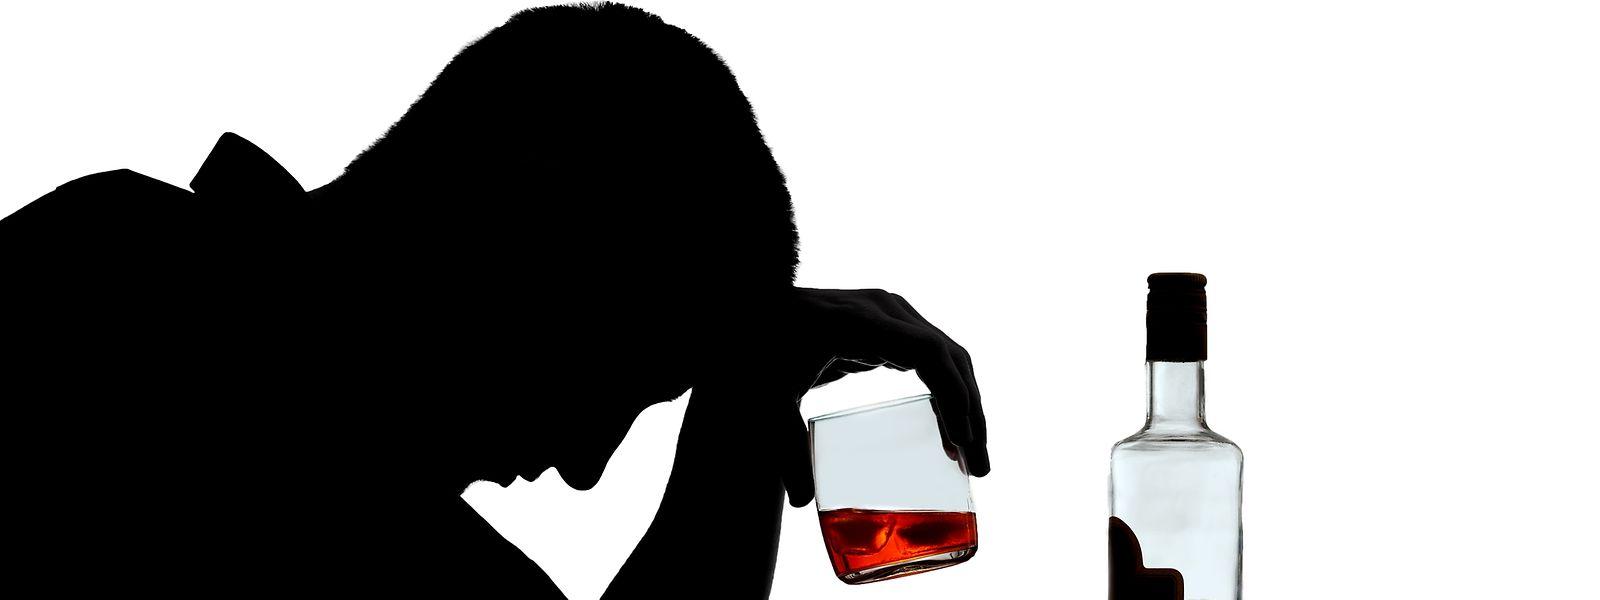 Wer beobachtet, dass ein Angehöriger oder Freund viel trinkt, sollte das unbedingt thematisieren.